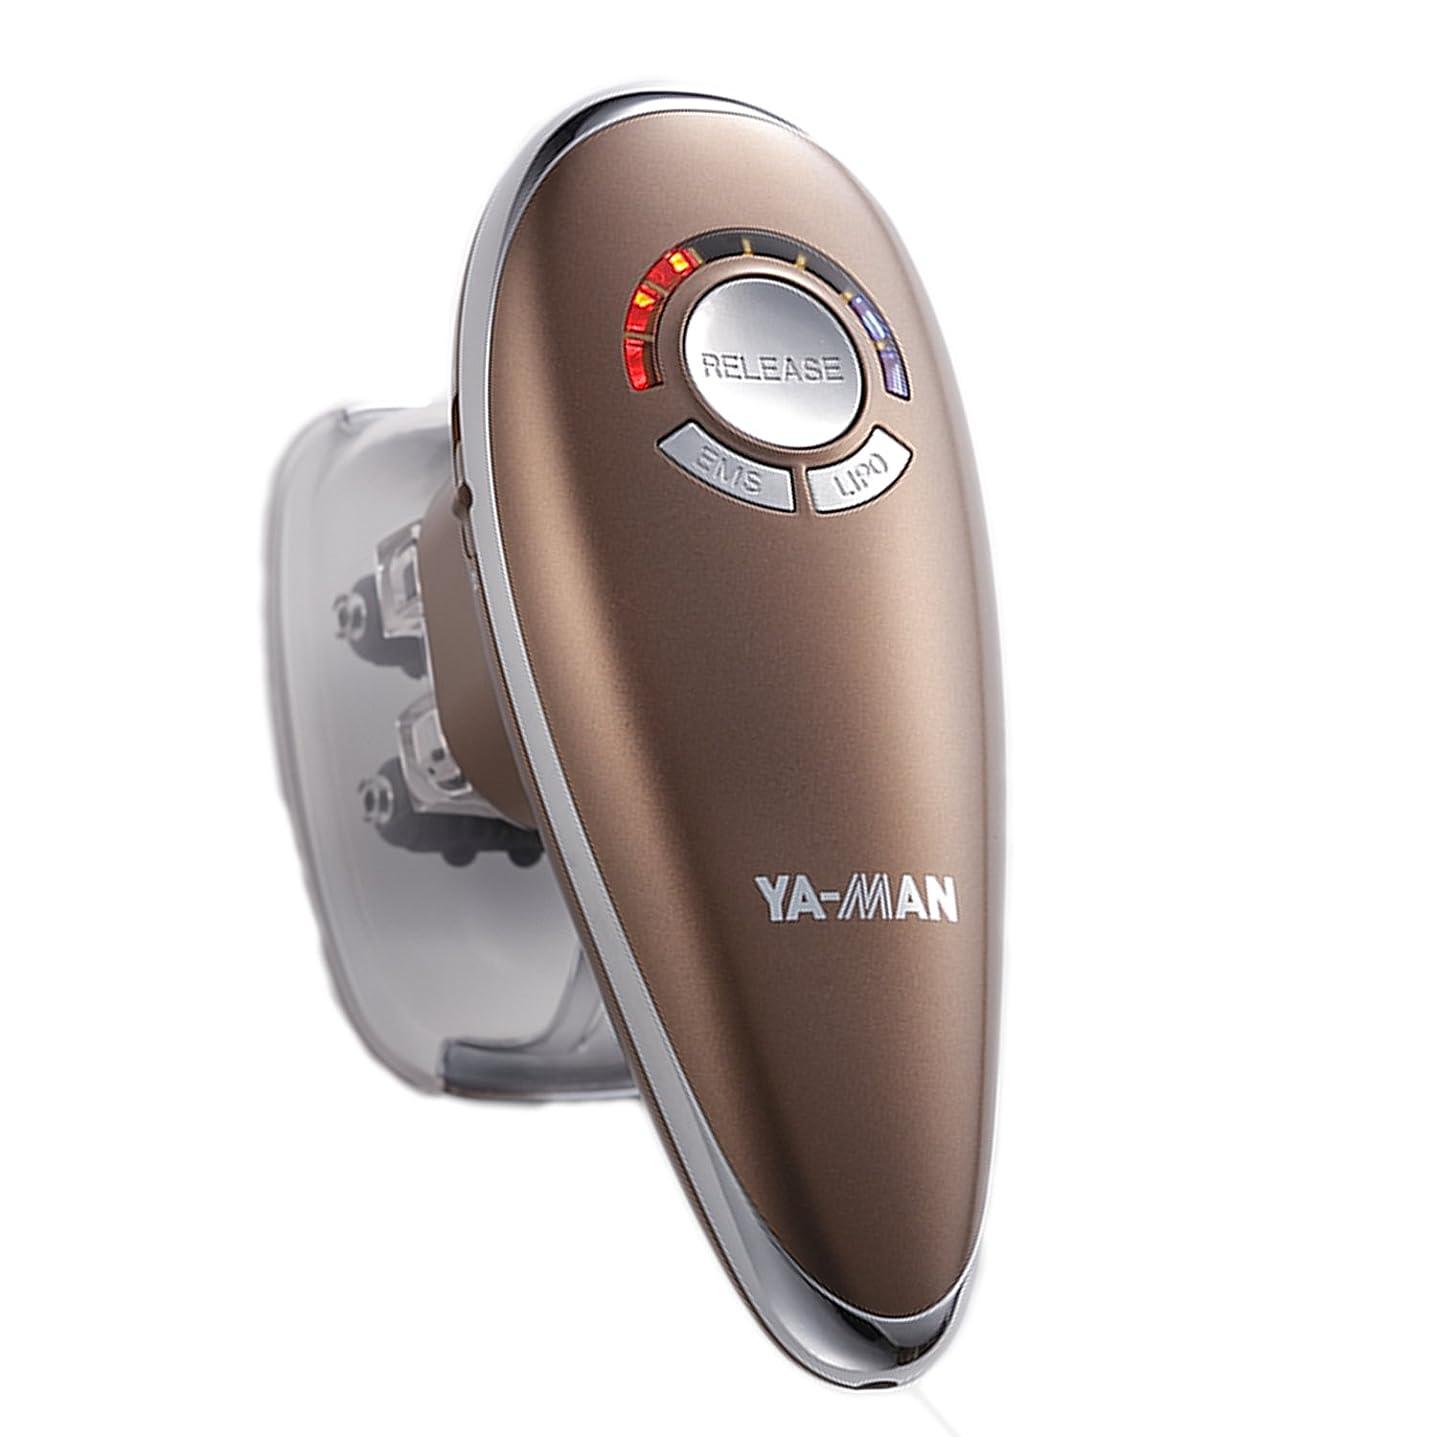 取り出す威信スペクトラムYA-MAN(ヤーマン) ダイエット アセチノリポボディスリムEX ブロンズ セルライト マッサージ ボディ バスト IB30T